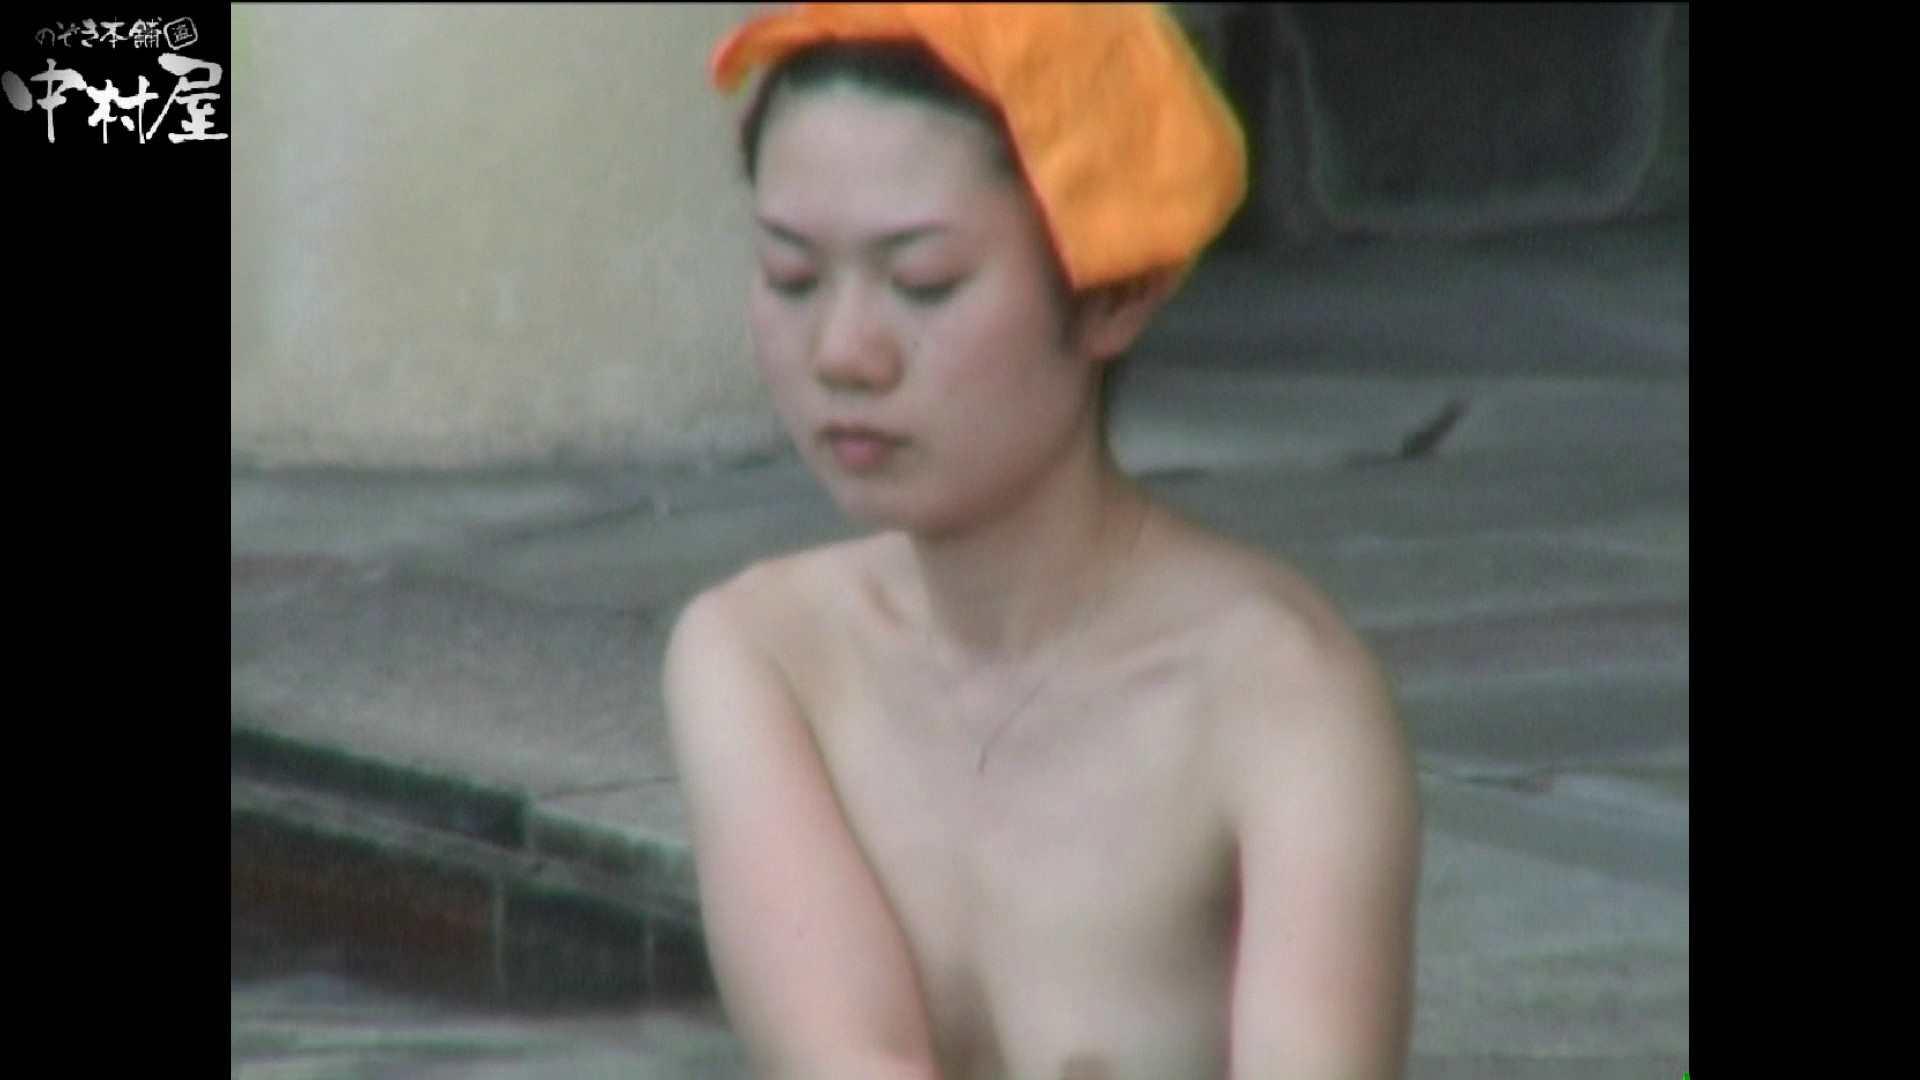 Aquaな露天風呂Vol.978 盗撮 | 露天風呂  73連発 70